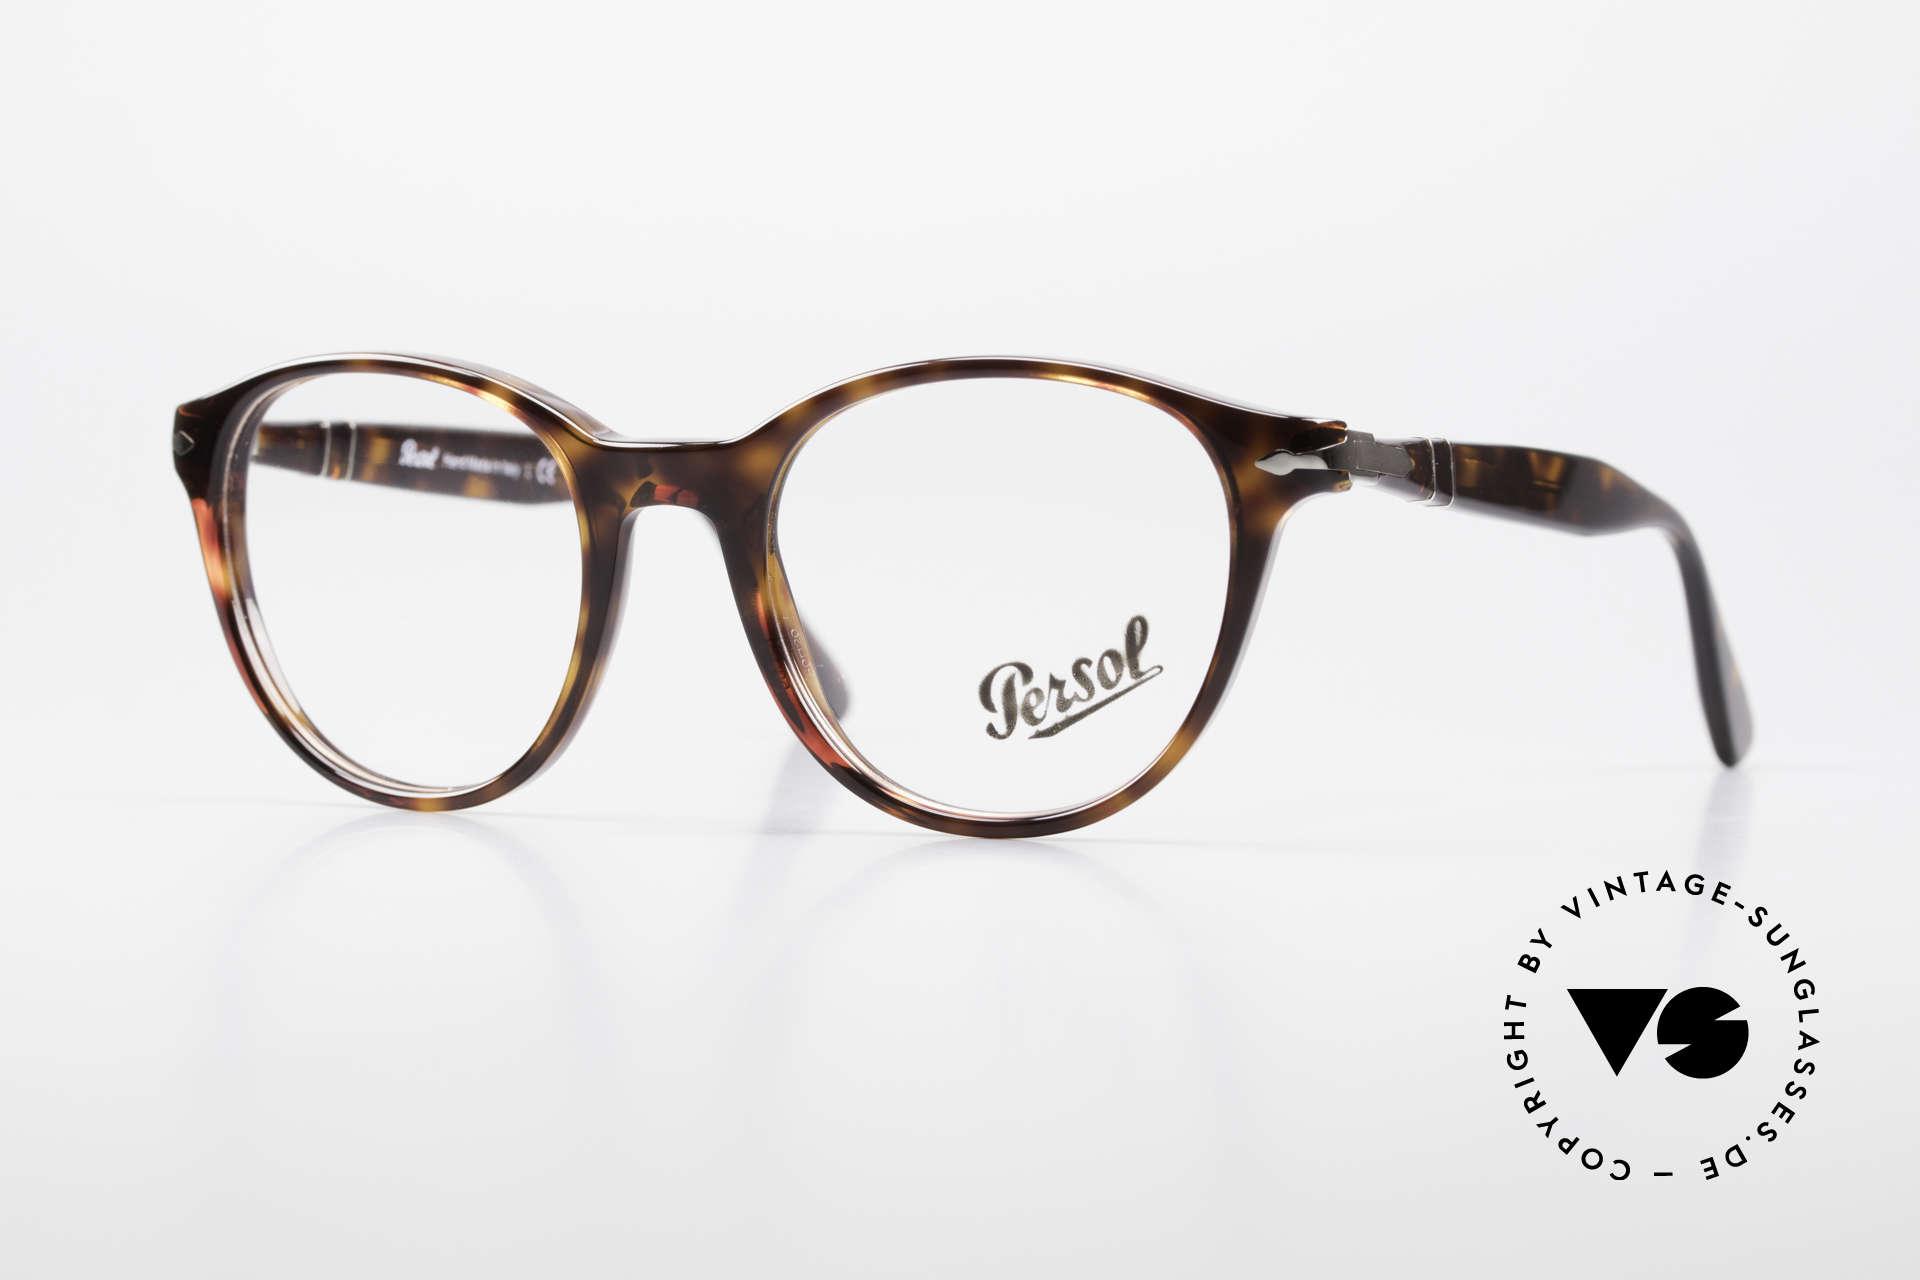 Persol 3153 Zeitlose Panto Unisex Brille, sehr elegante, PANTO Brillenfassung aus Italien, Passend für Herren und Damen